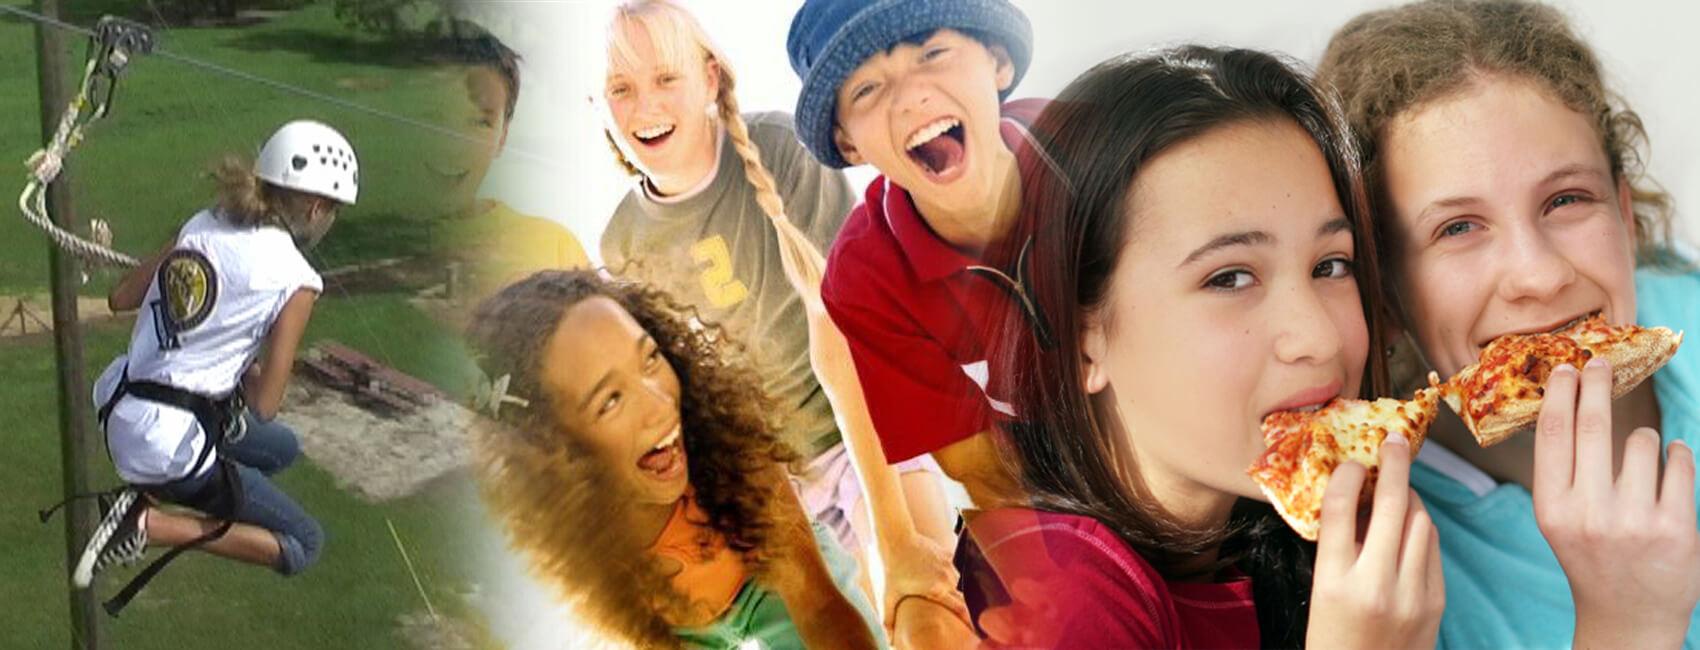 Orlando adhd social skills groups, adhd counseling orlando, florida fl